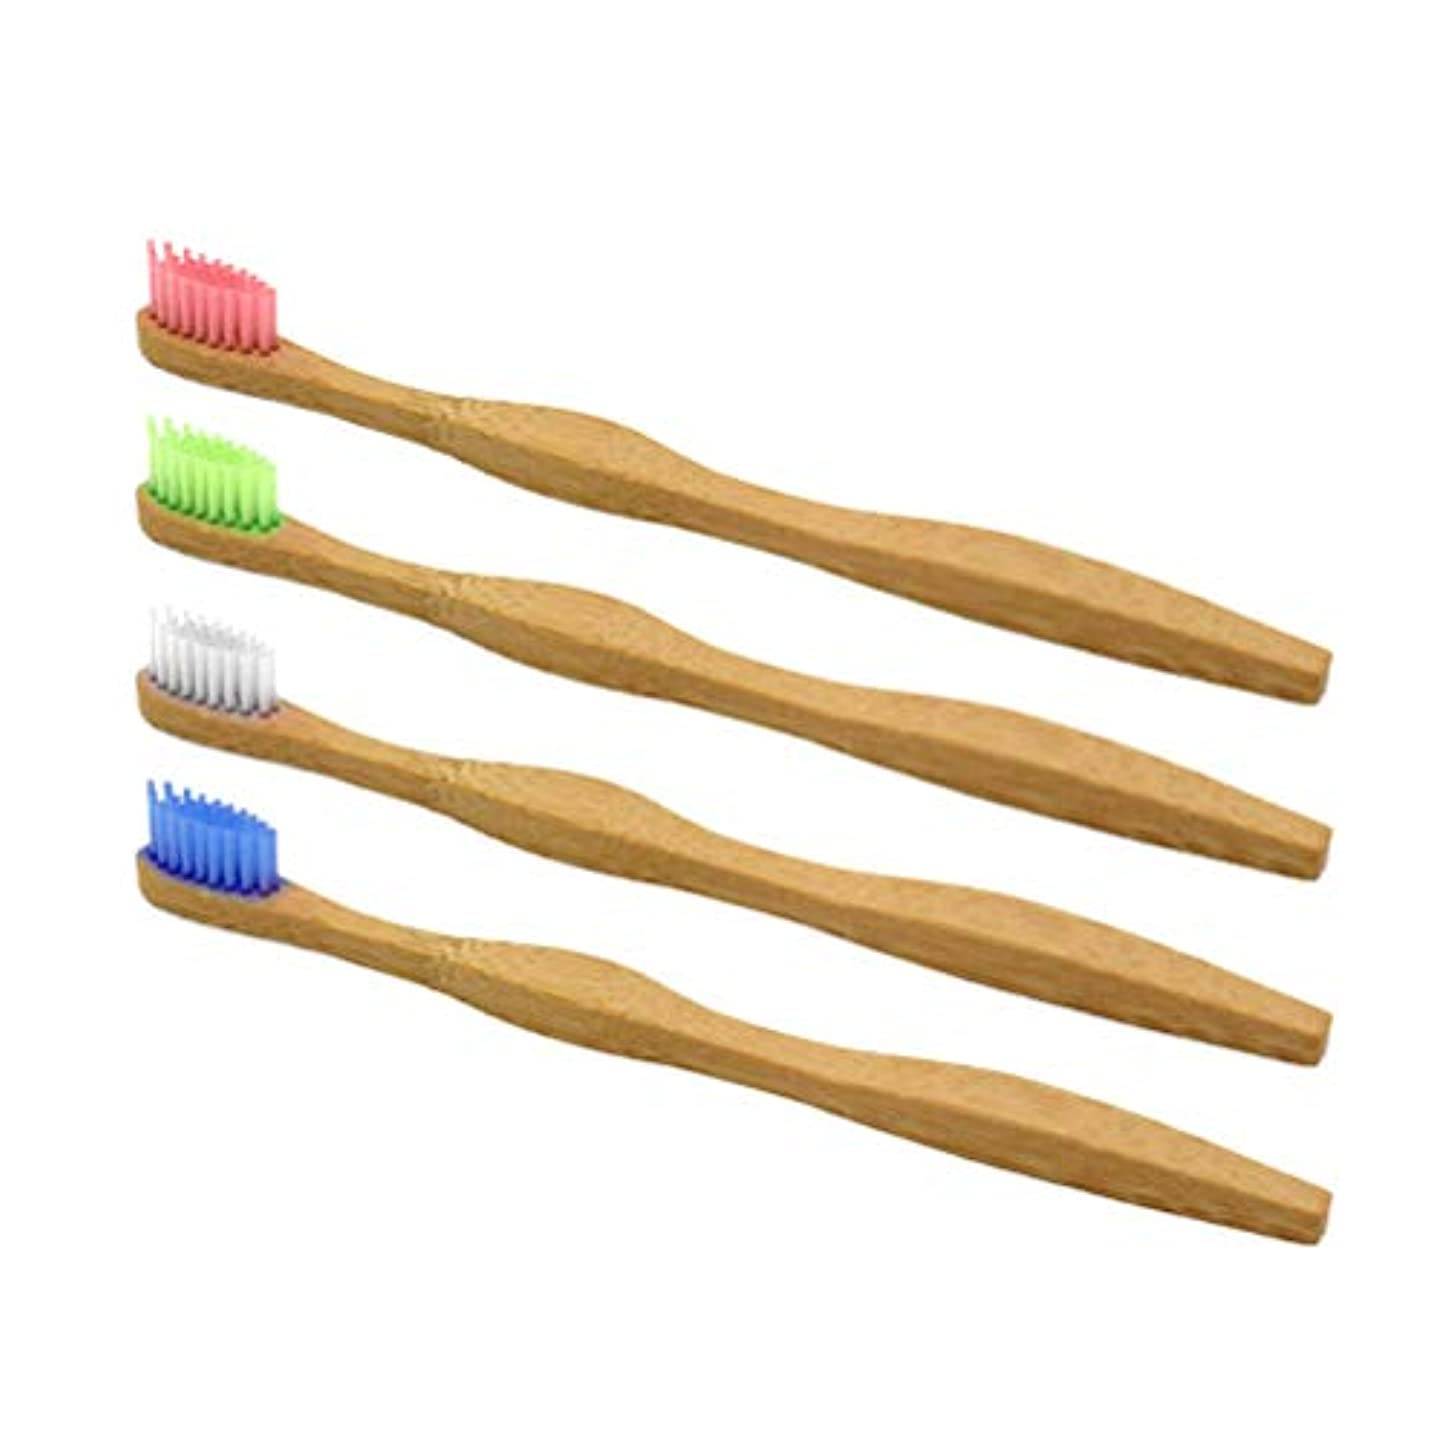 植木第九驚いたことにSUPVOX竹製の歯ブラシオーラルケアクリーニングセット用柔らかい歯ブラシセット4本(アソートカラー)